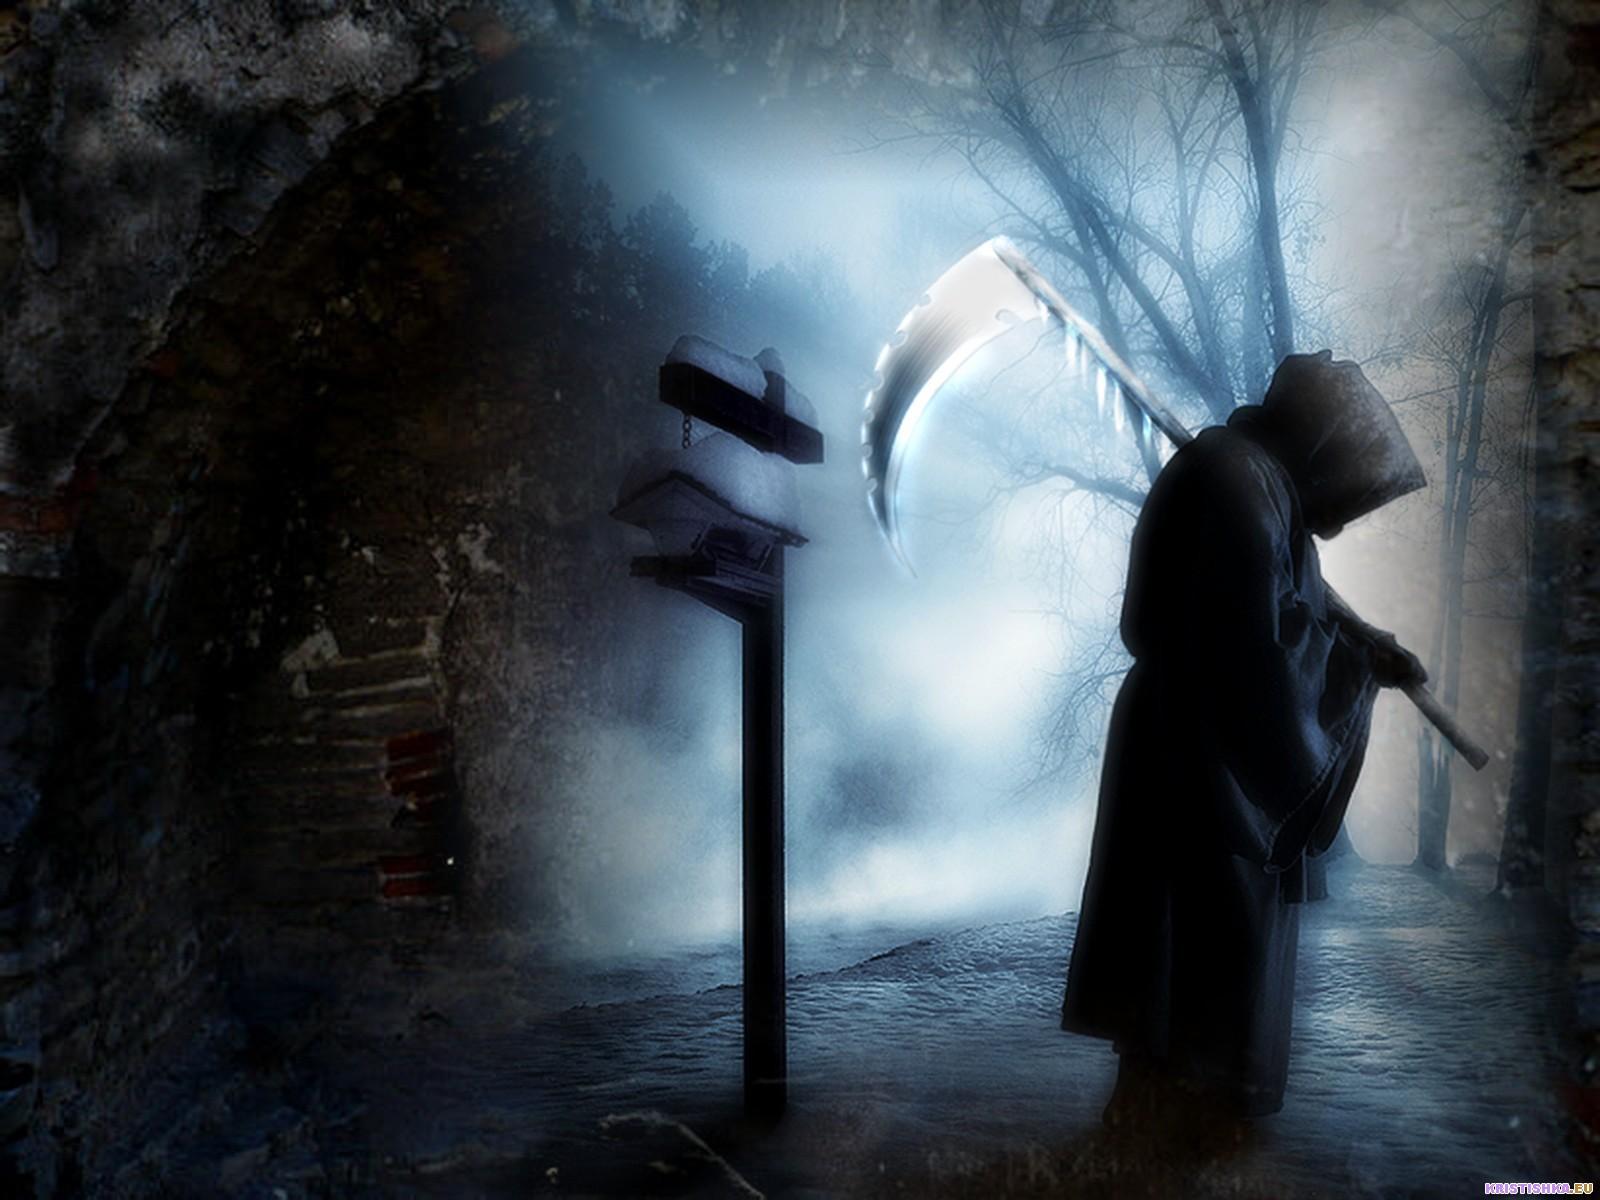 поразило грандиозное во сне знакомые люди огорченные смертью белье хорошо